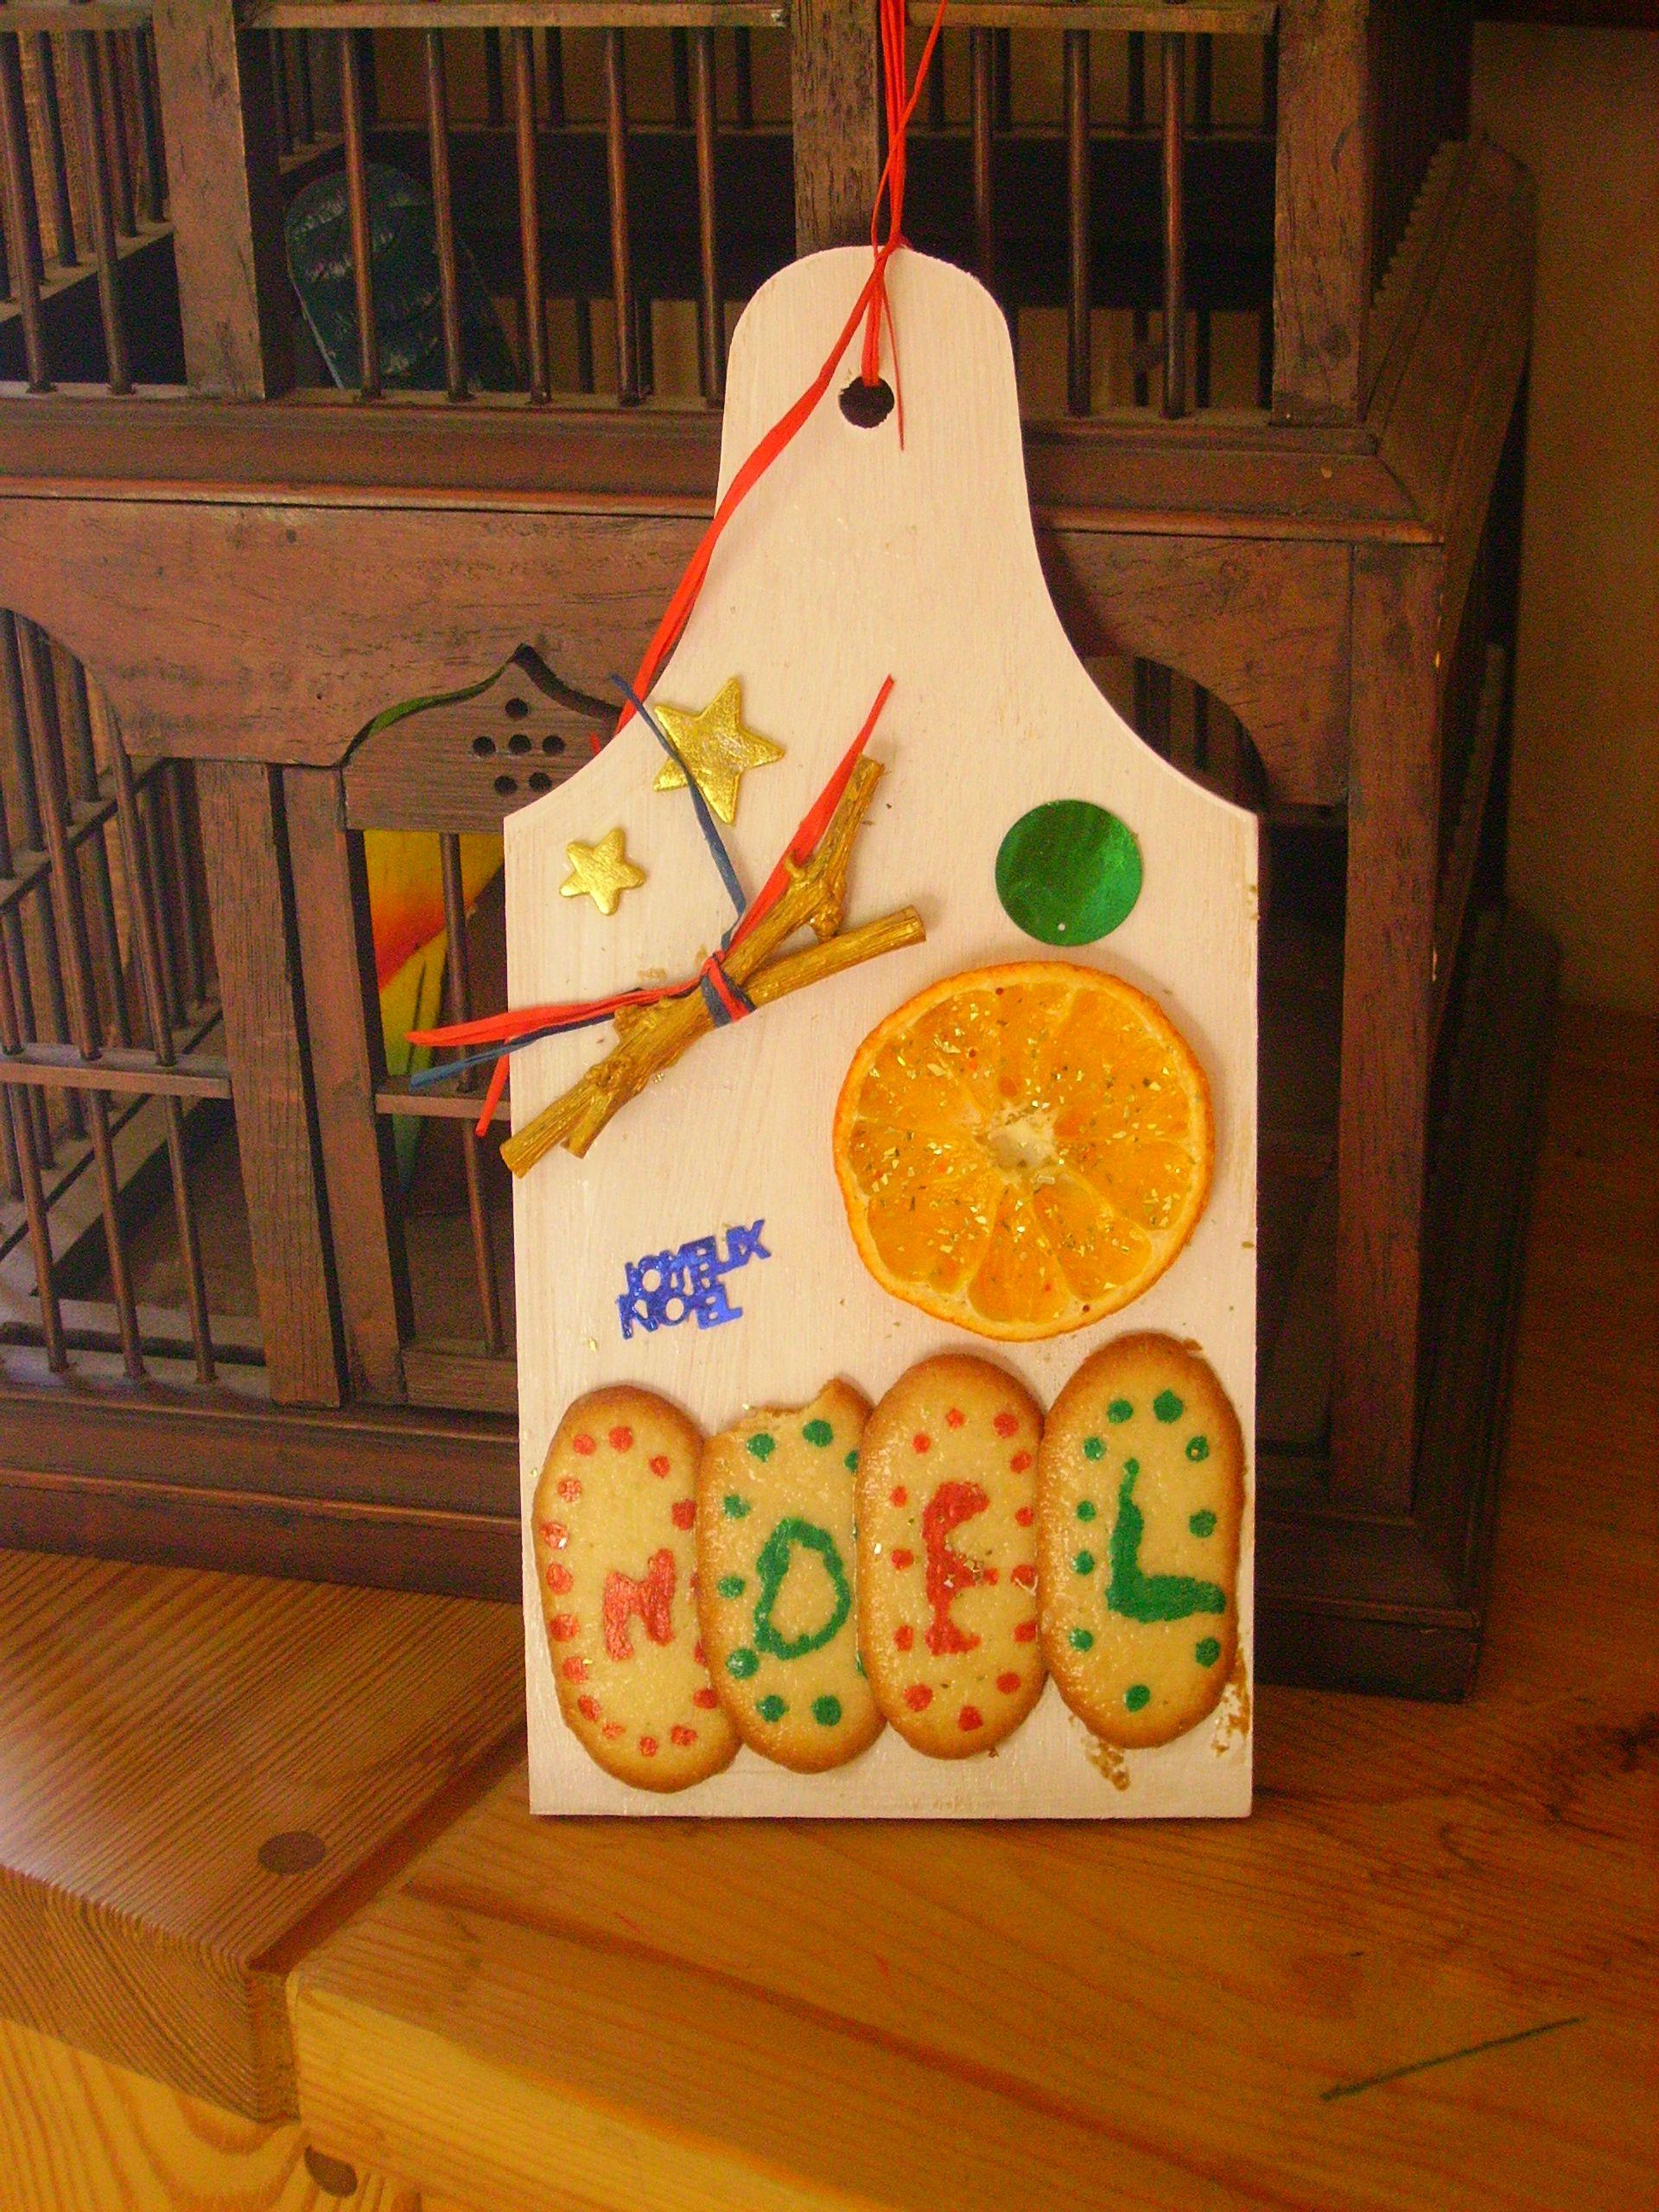 #BE360D Bricolage Enfants Marche De Noel Page 4 5713 idée décoration noel classe 1920x2560 px @ aertt.com